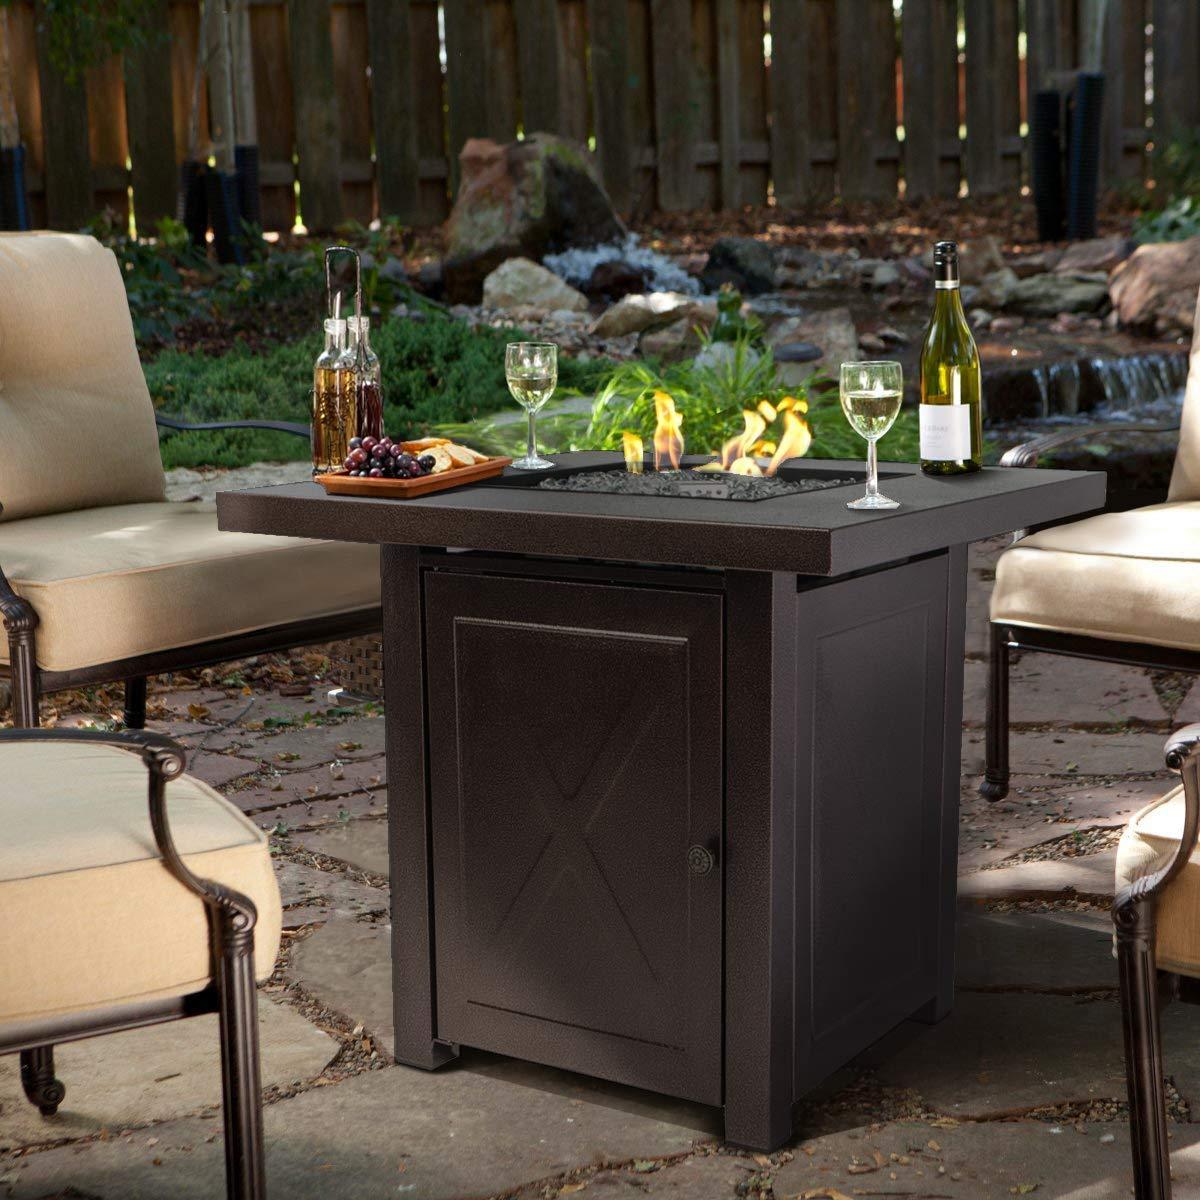 Barton Fire Pit Table Fire Glass Fireplace Outdoor Garden Patio Heater Firepit 46,000BTU